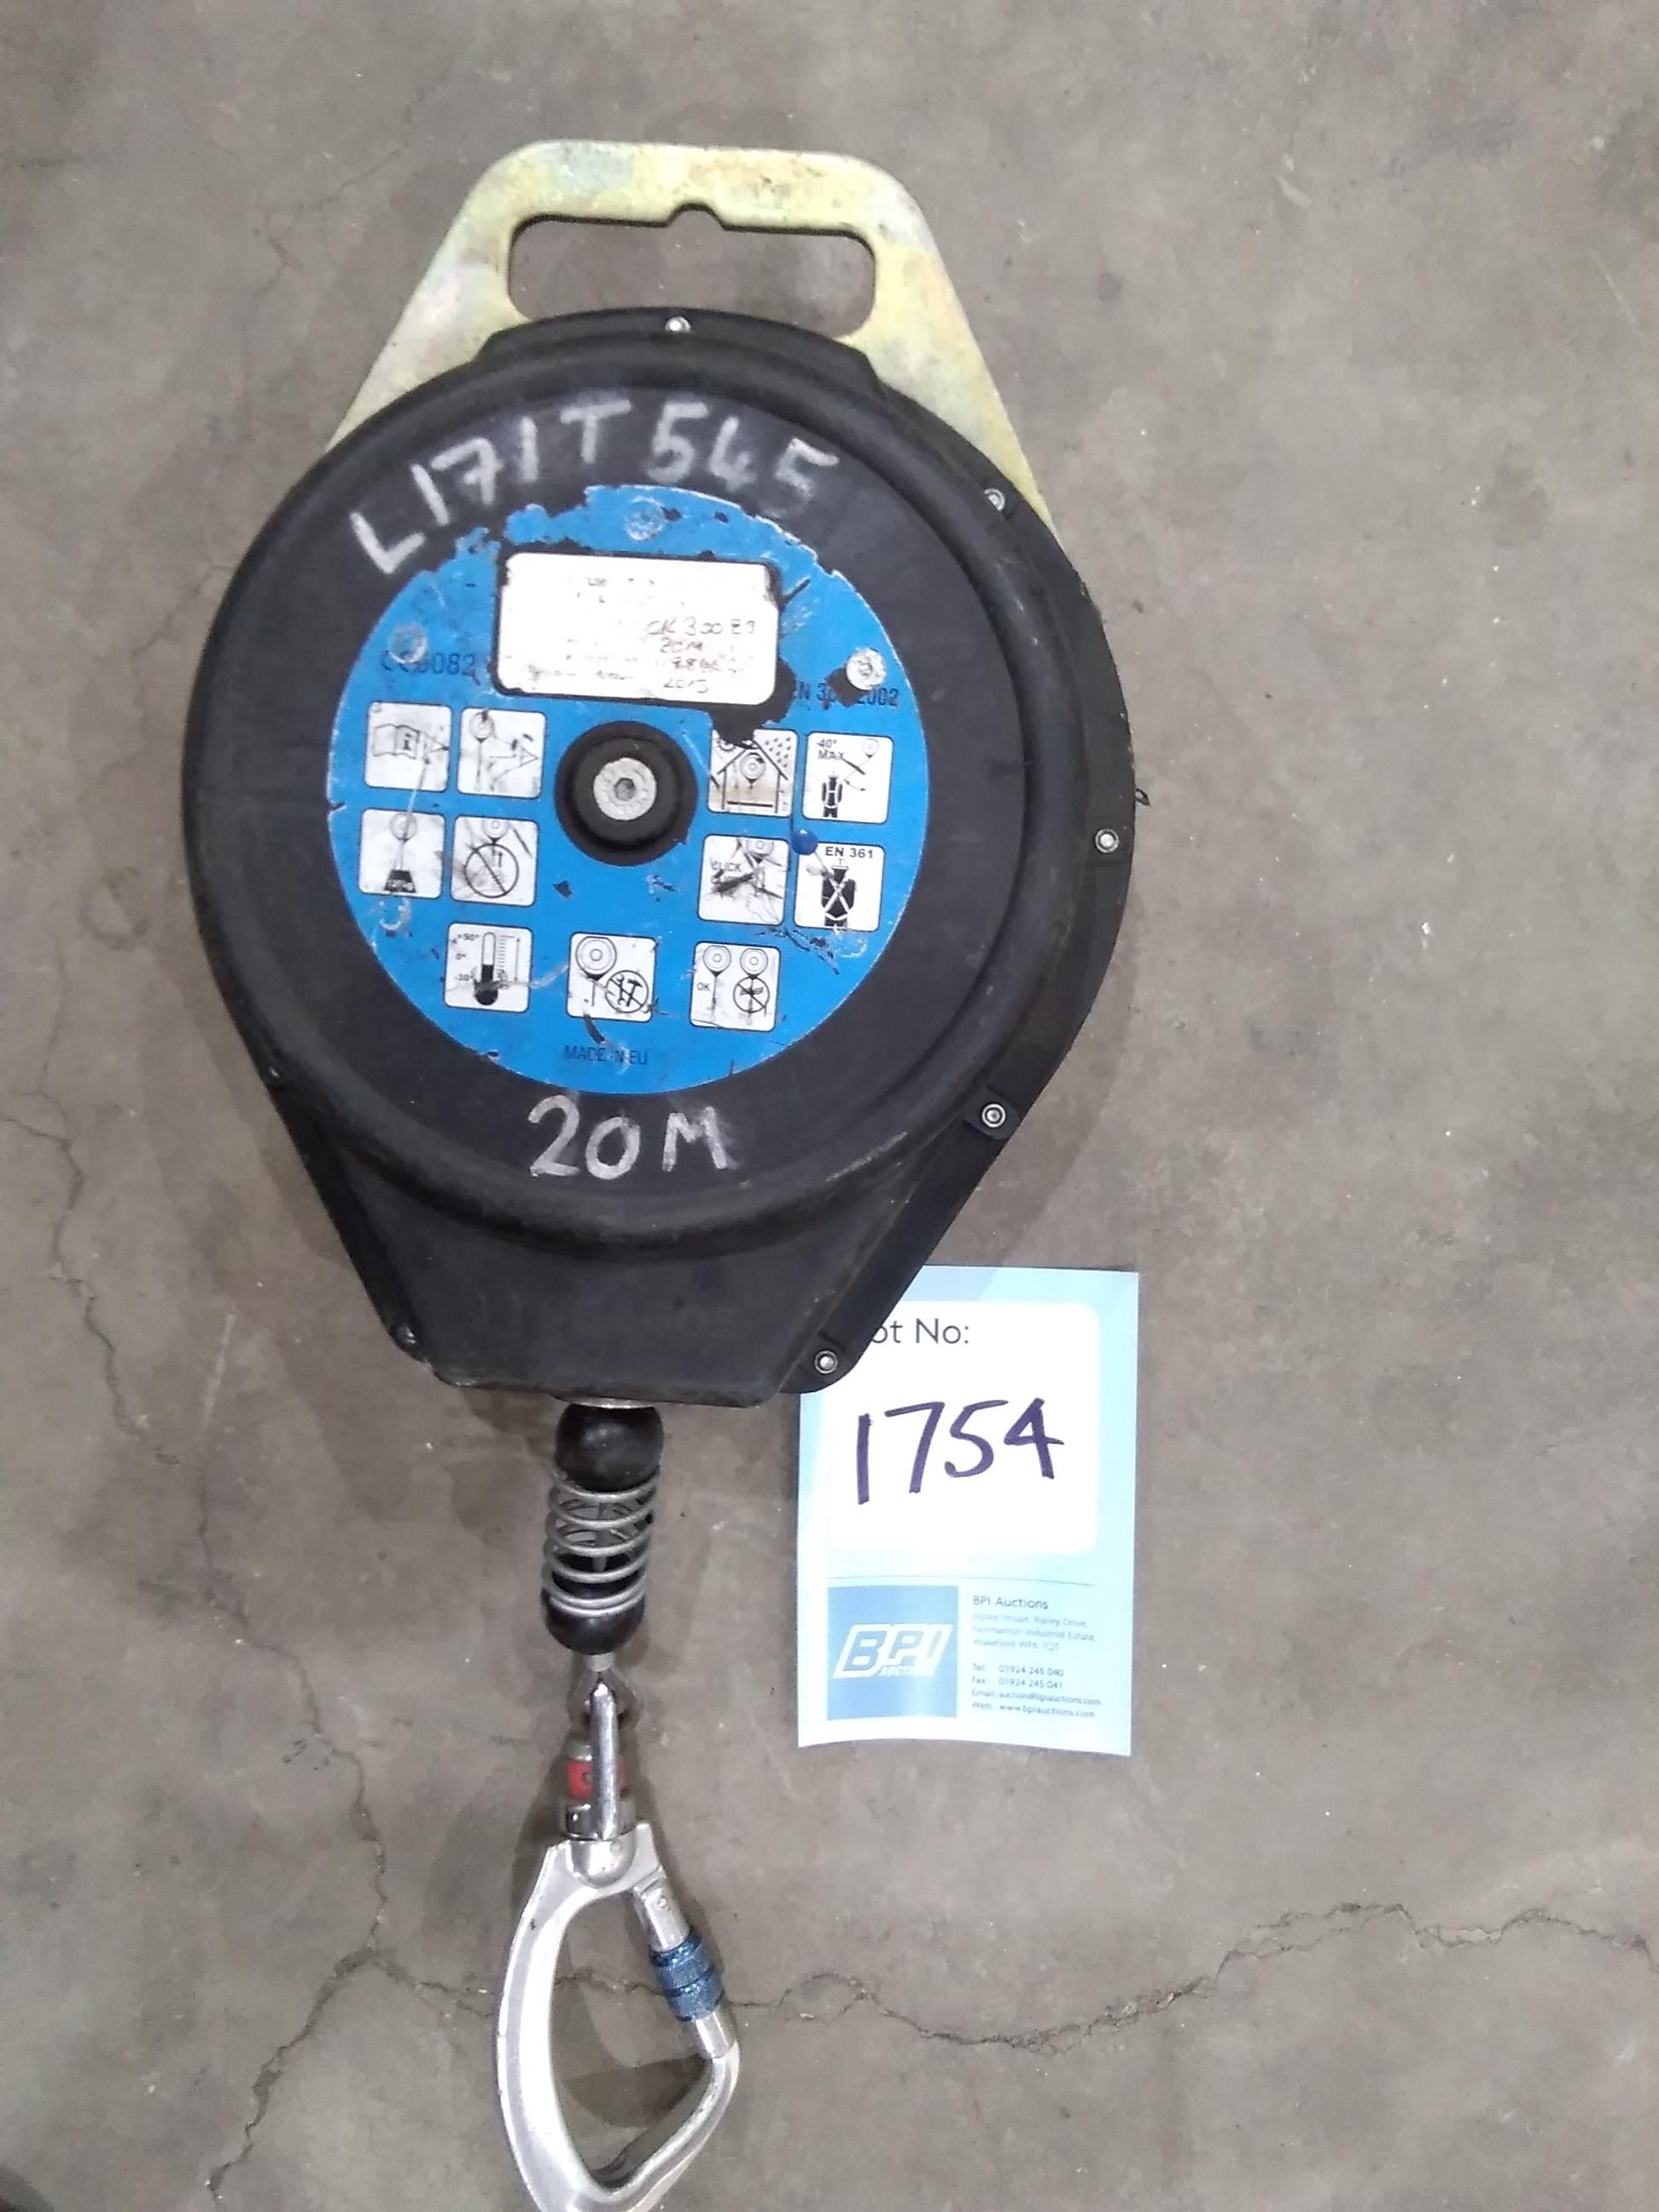 Lot 1754 - 20M Lifting Hoist . l171t545